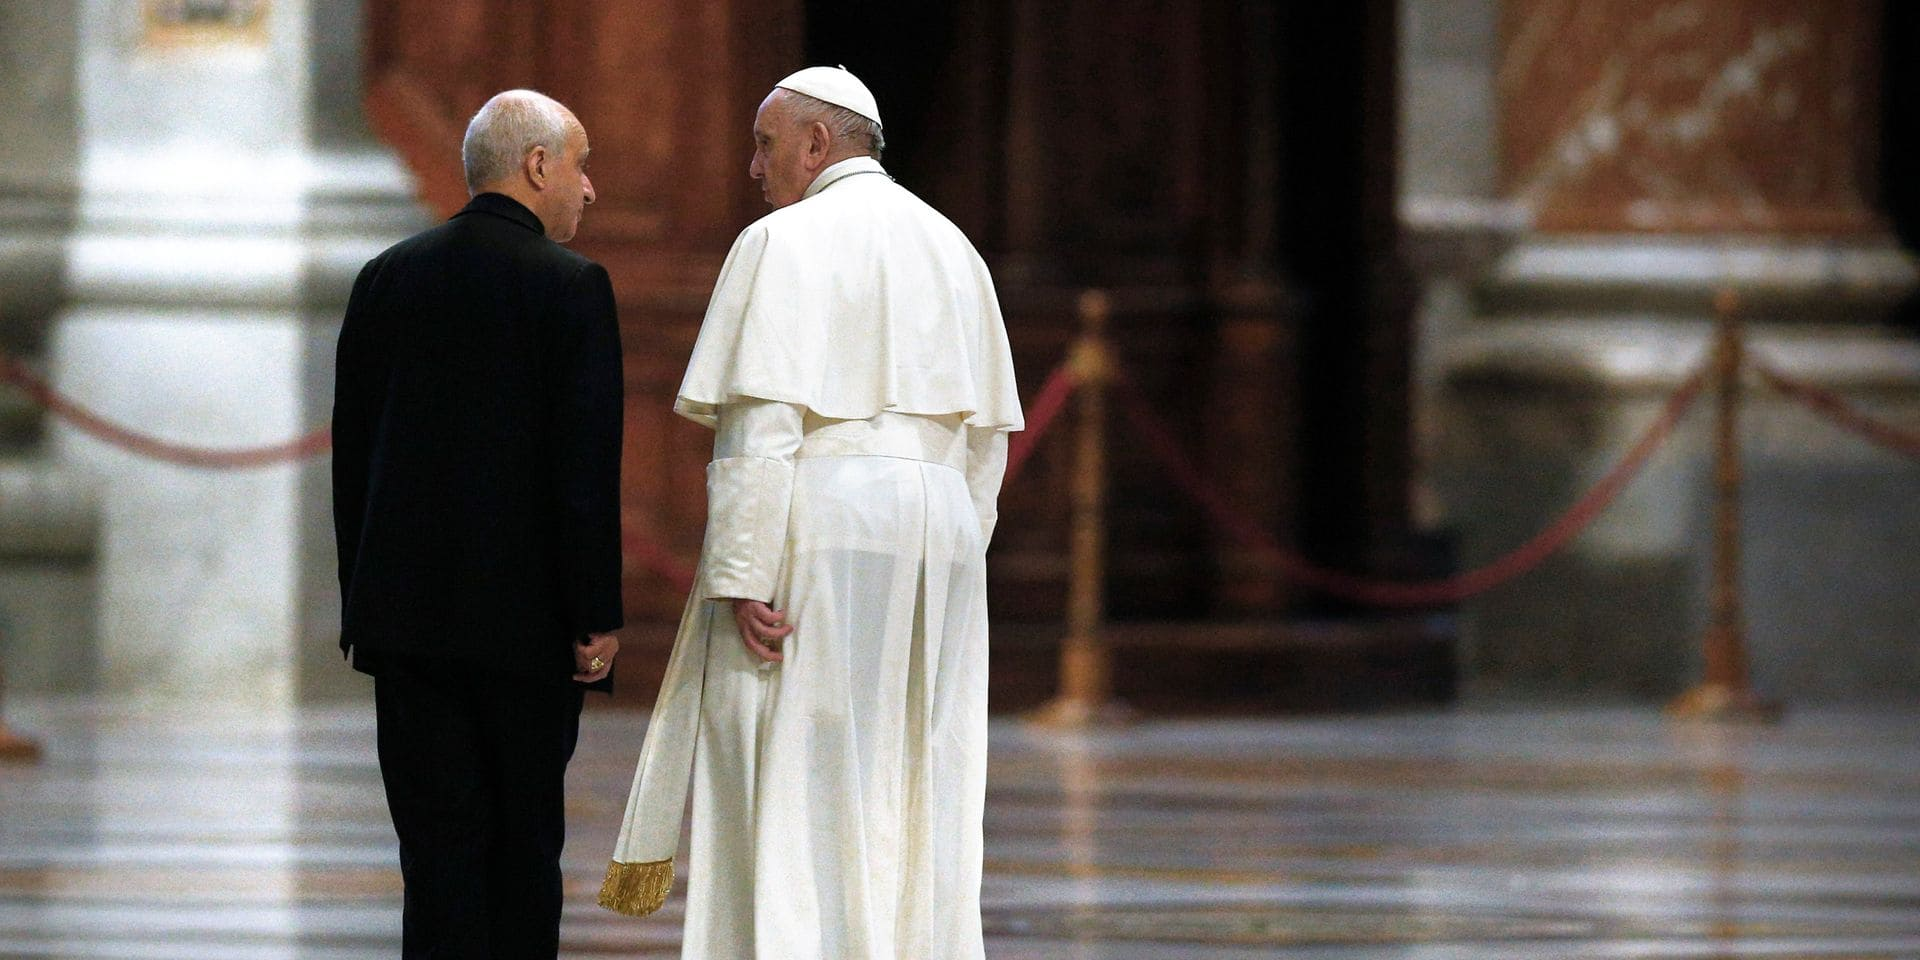 Mariages homosexuels: des prêtres allemands défient le Vatican